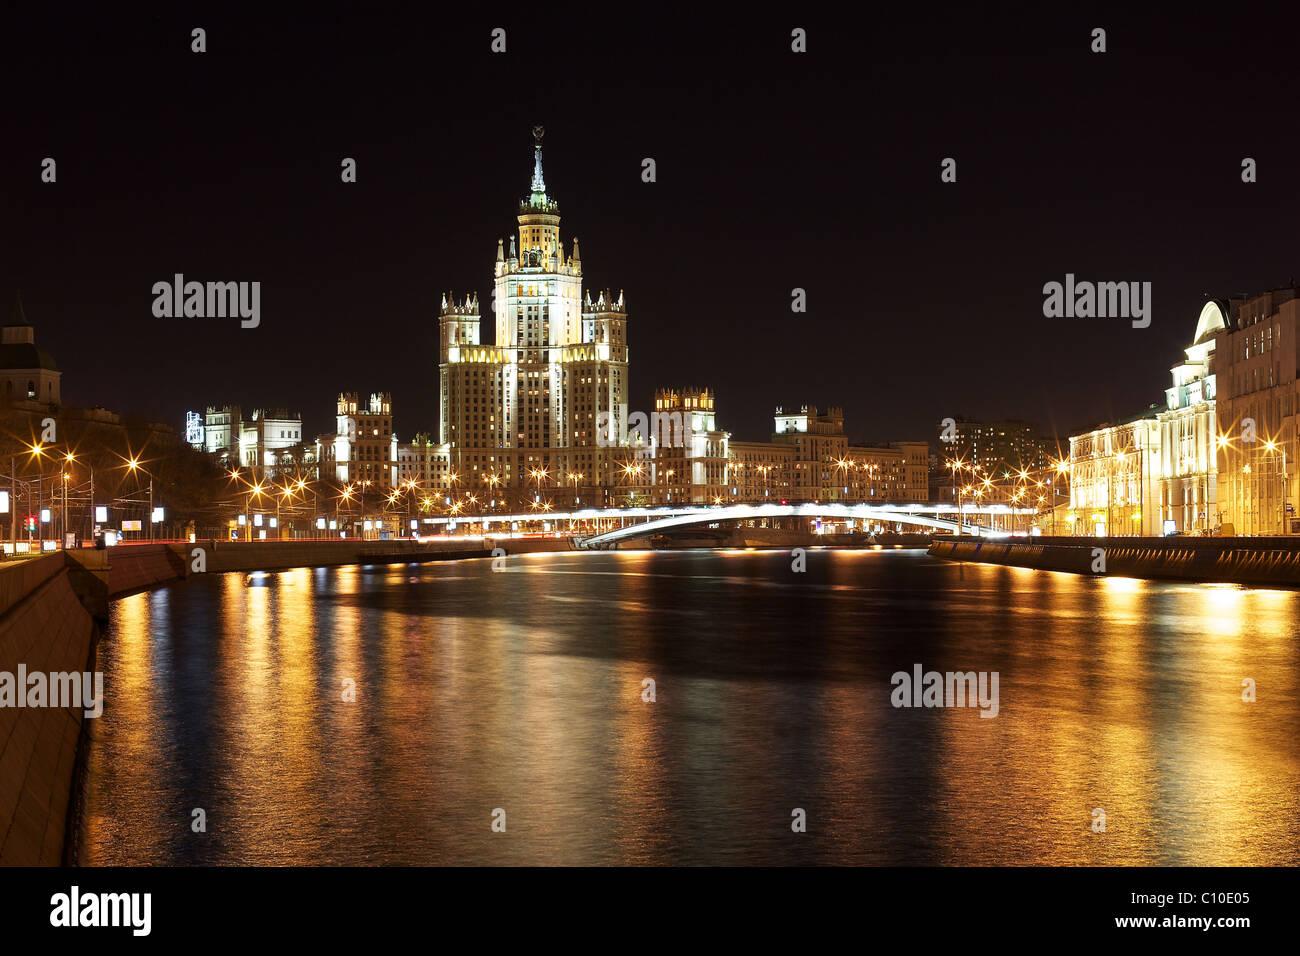 Kotelnicheskaya remblai, l'un des gratte-ciel de Staline, Moscou, Russie Banque D'Images